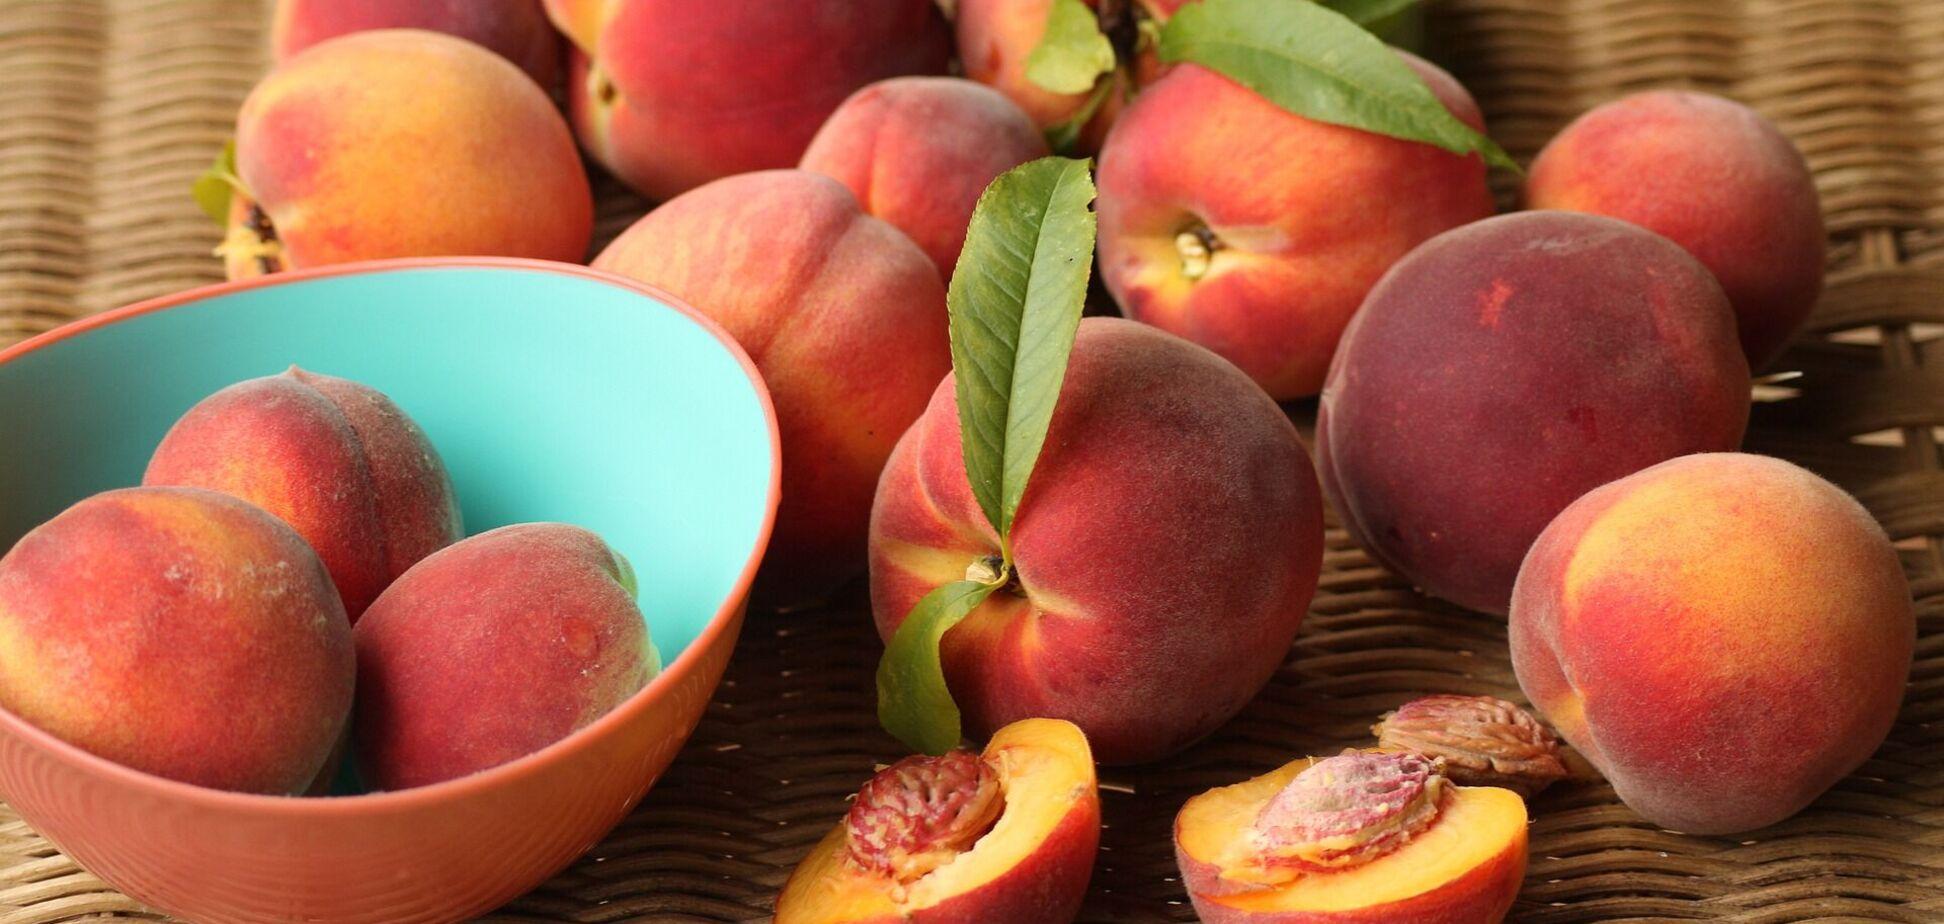 Как выбрать натуральные персики